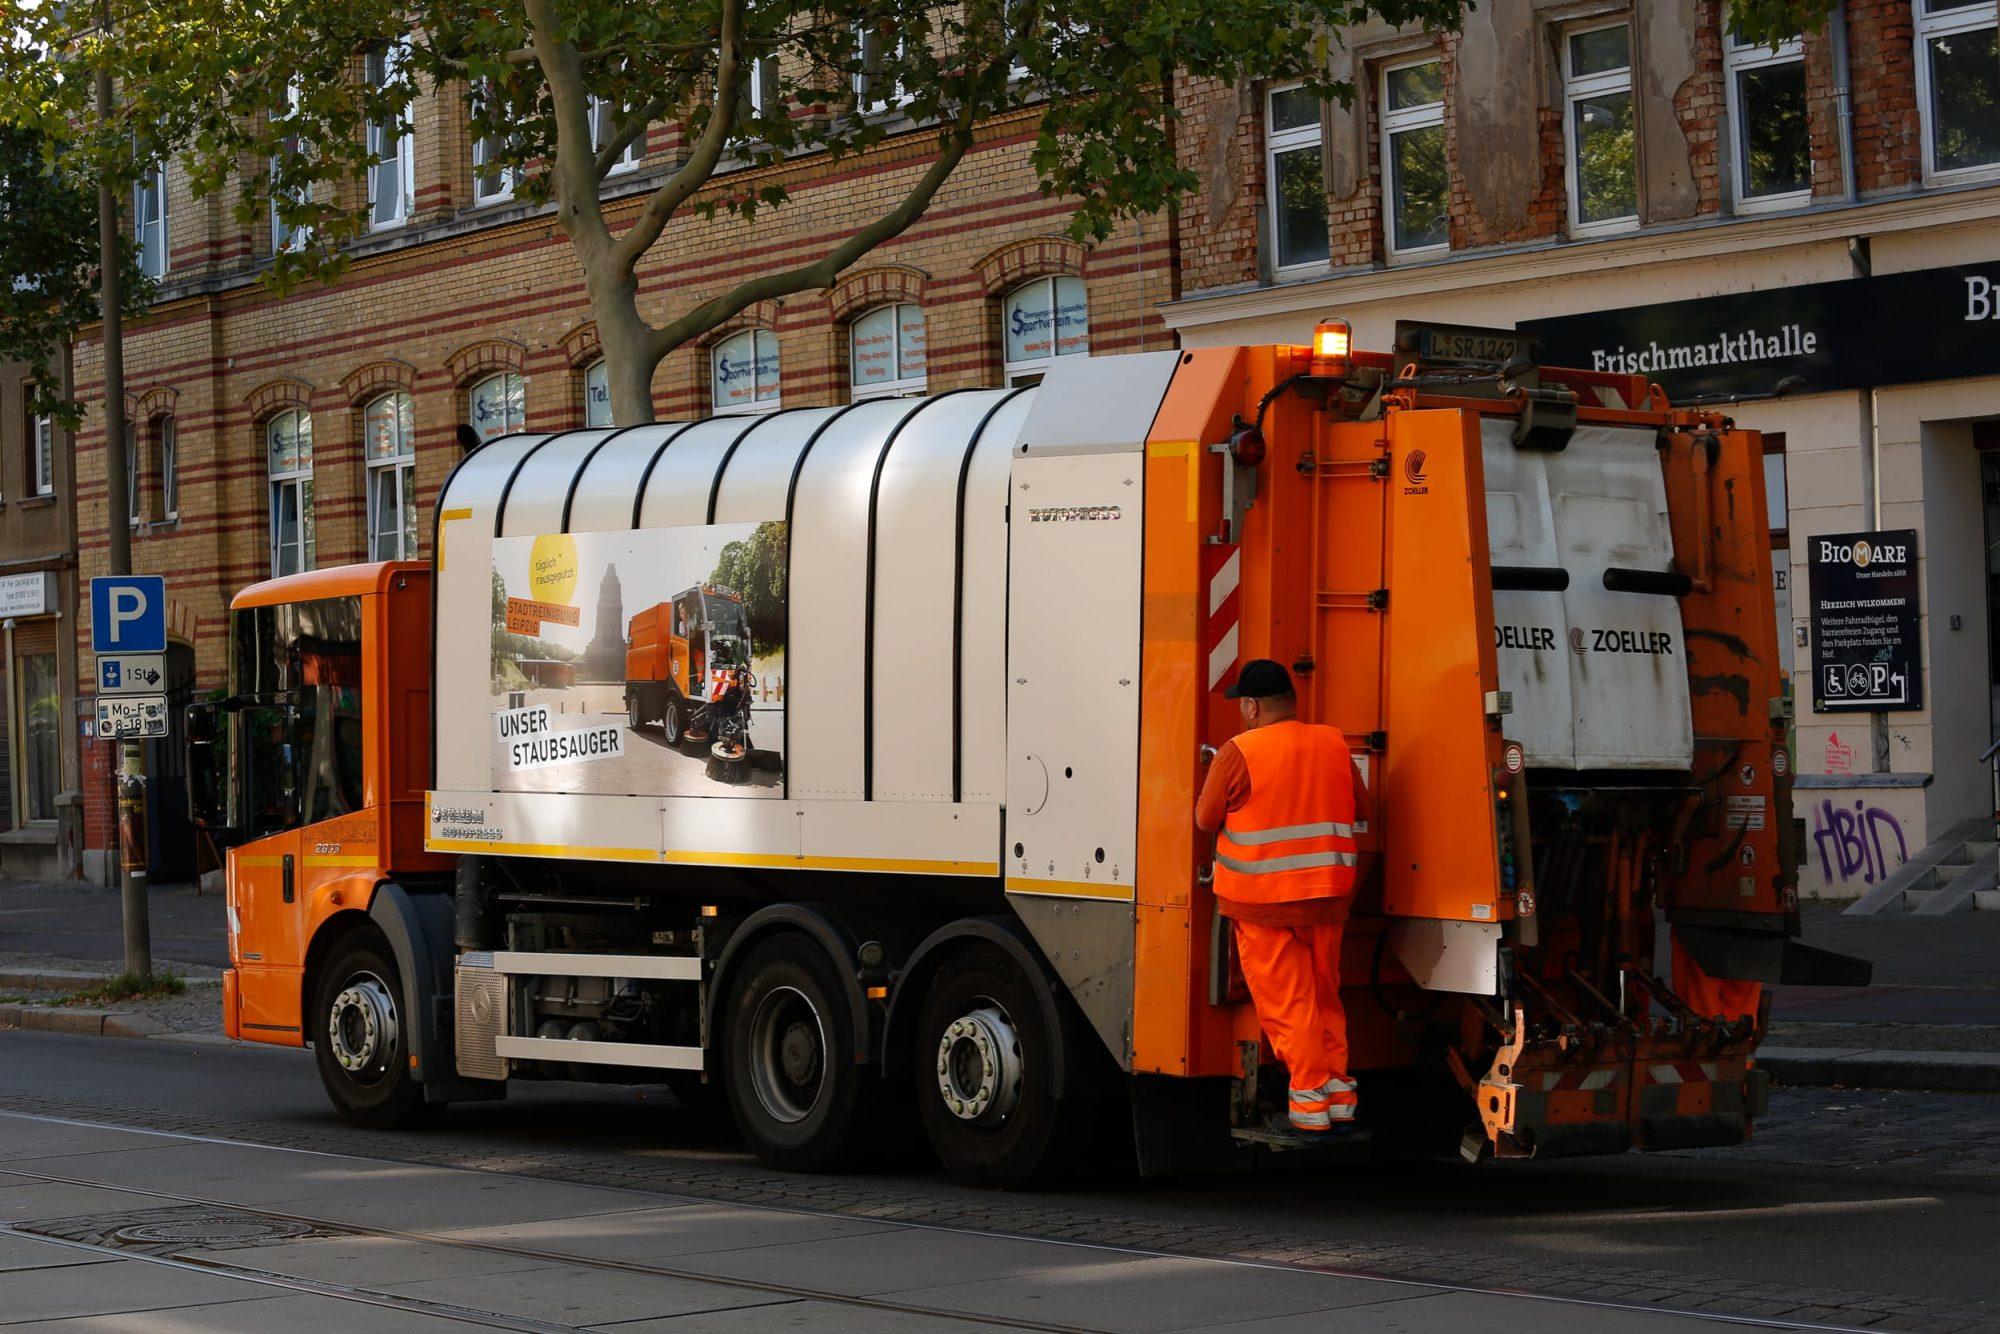 Regentaucher | Fotografie einer Kehrmaschine im Auftrag der Stadtreinigung Leipzig